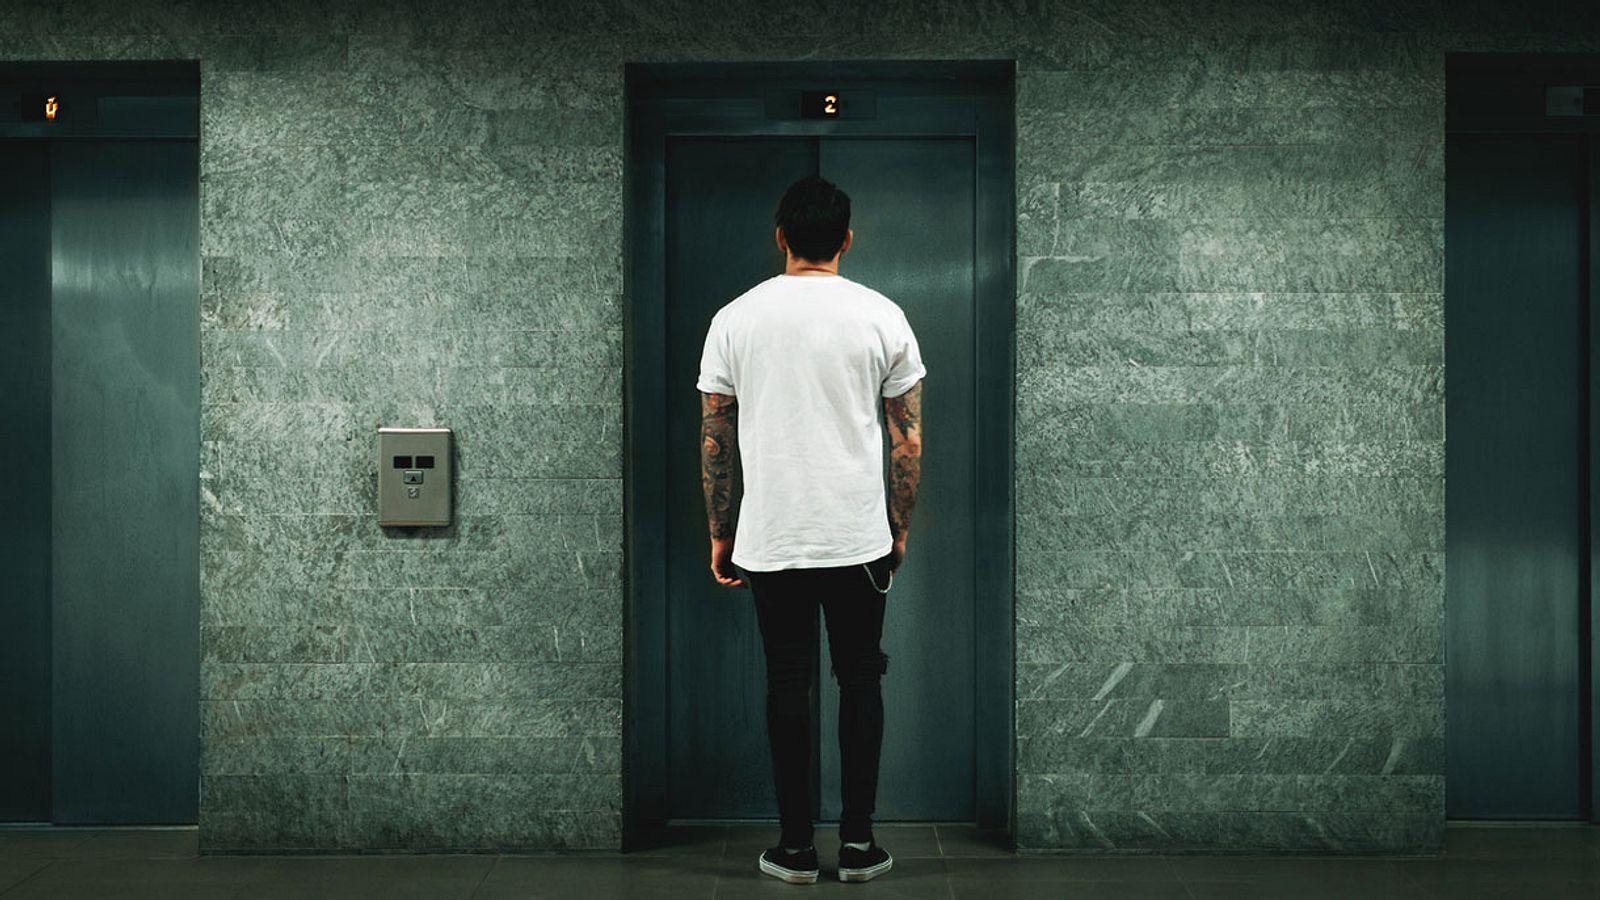 Sollte man in einem abstürzenden Fahrstuhl vor dem Aufprall springen?